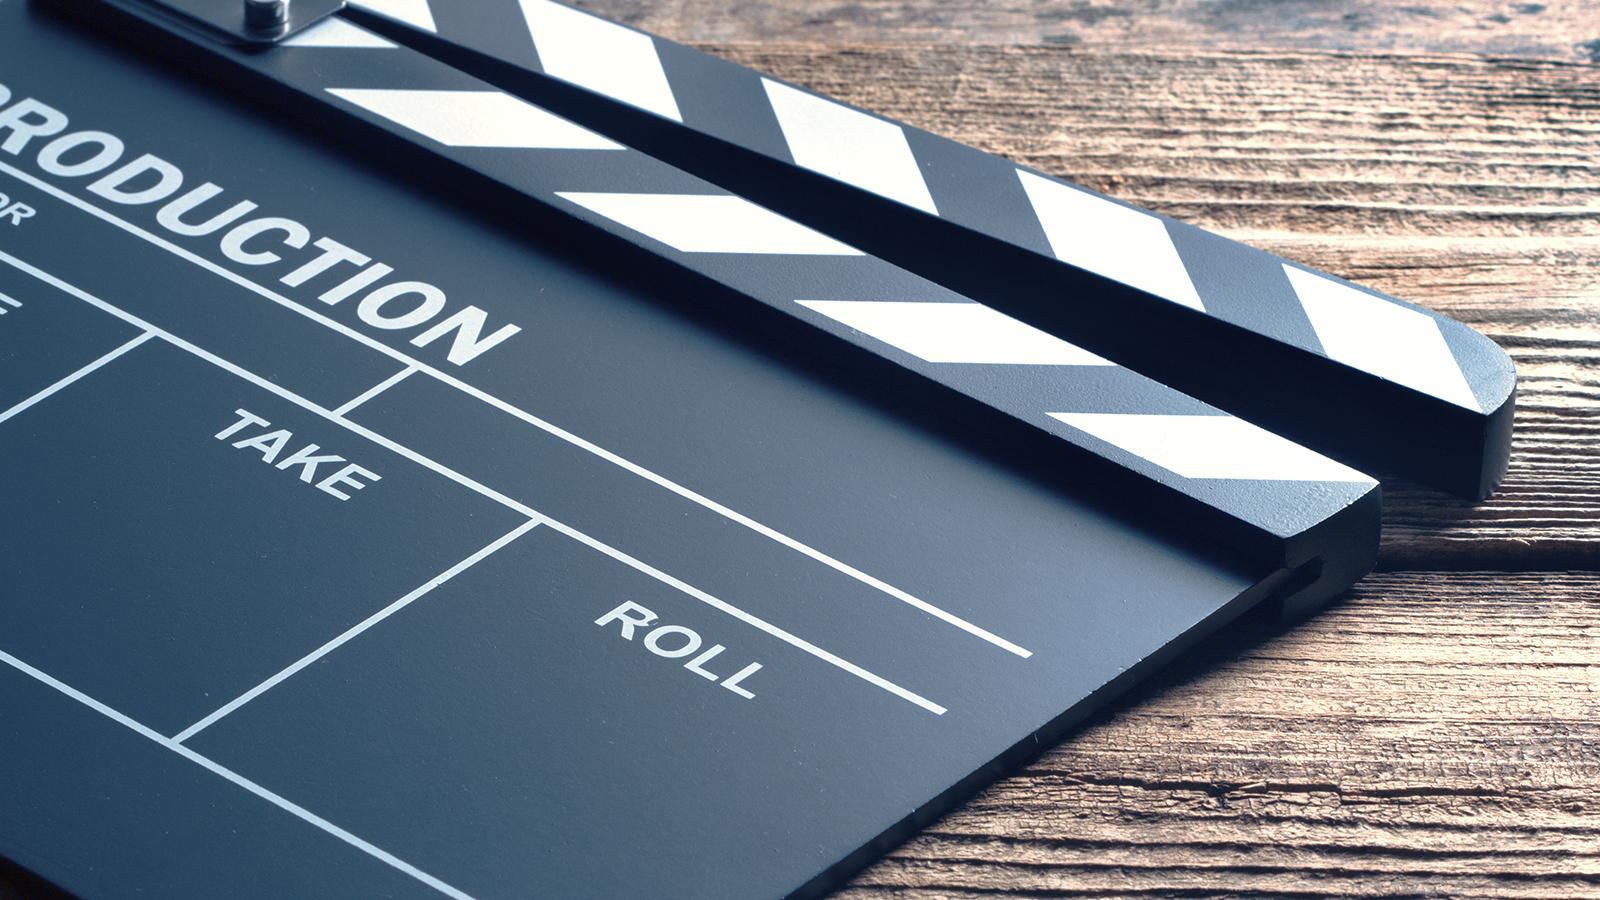 Como estabelecer uma comunicacao ativa por meio de videos 7 - Como estabelecer uma comunicação ativa por meio de vídeos?